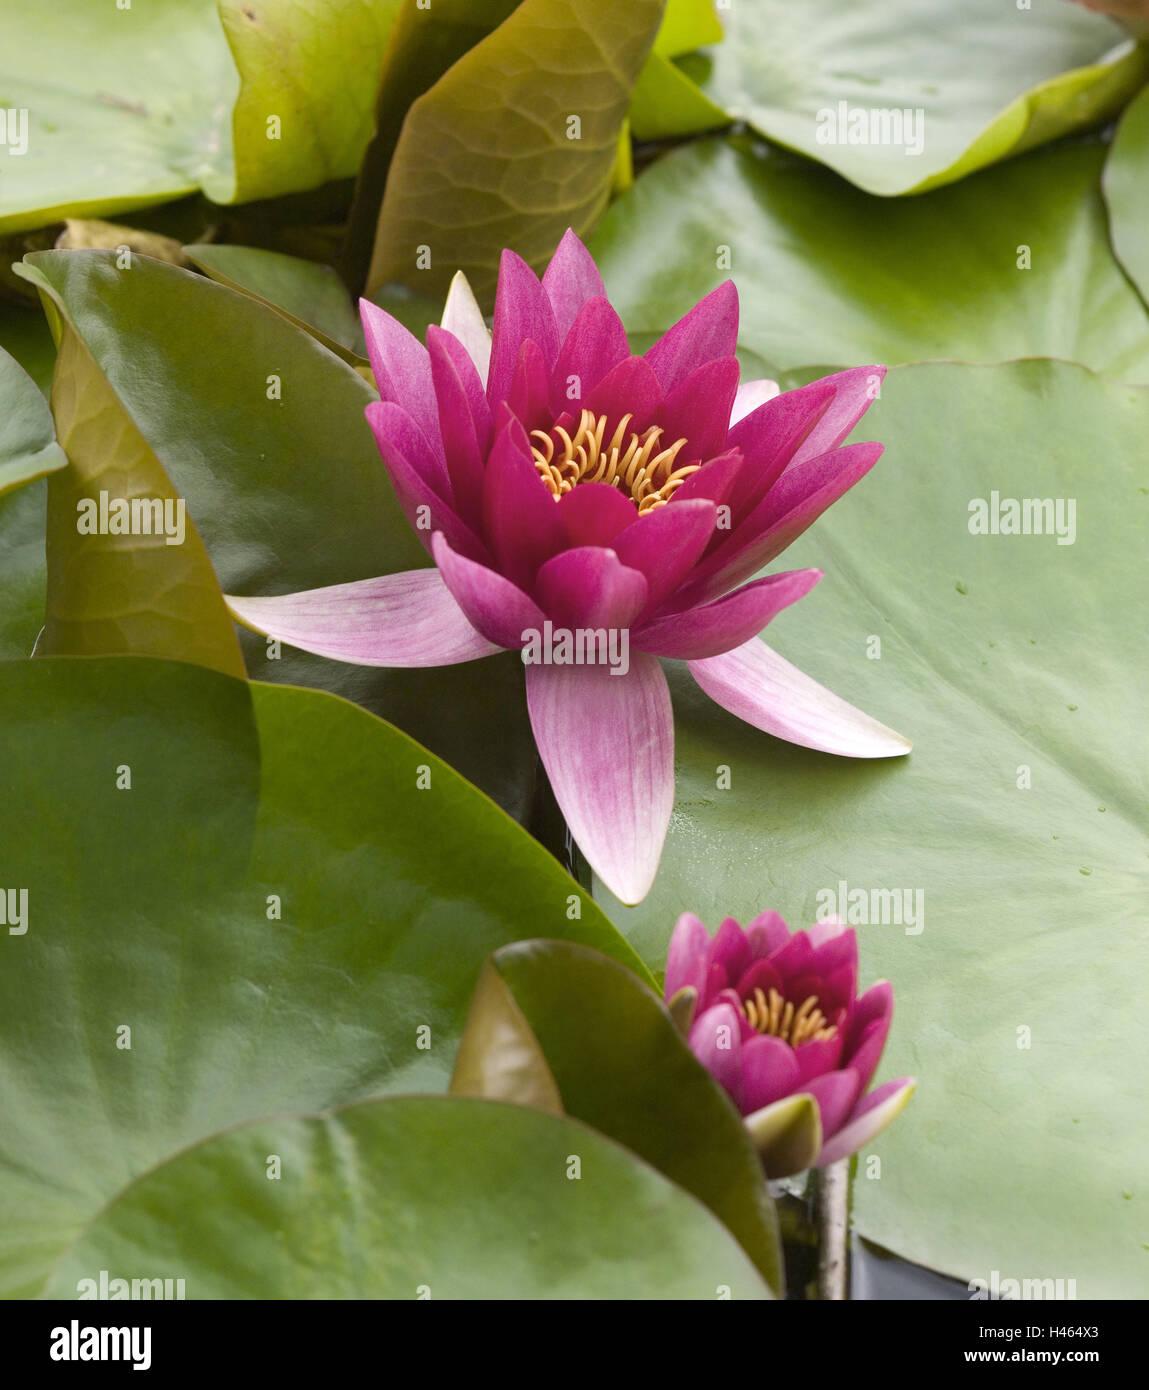 Ganz und zu Extrem Teich, Seerosen, Nymphaea spec Blüte, rosa, See, Seerosenteich #WF_77